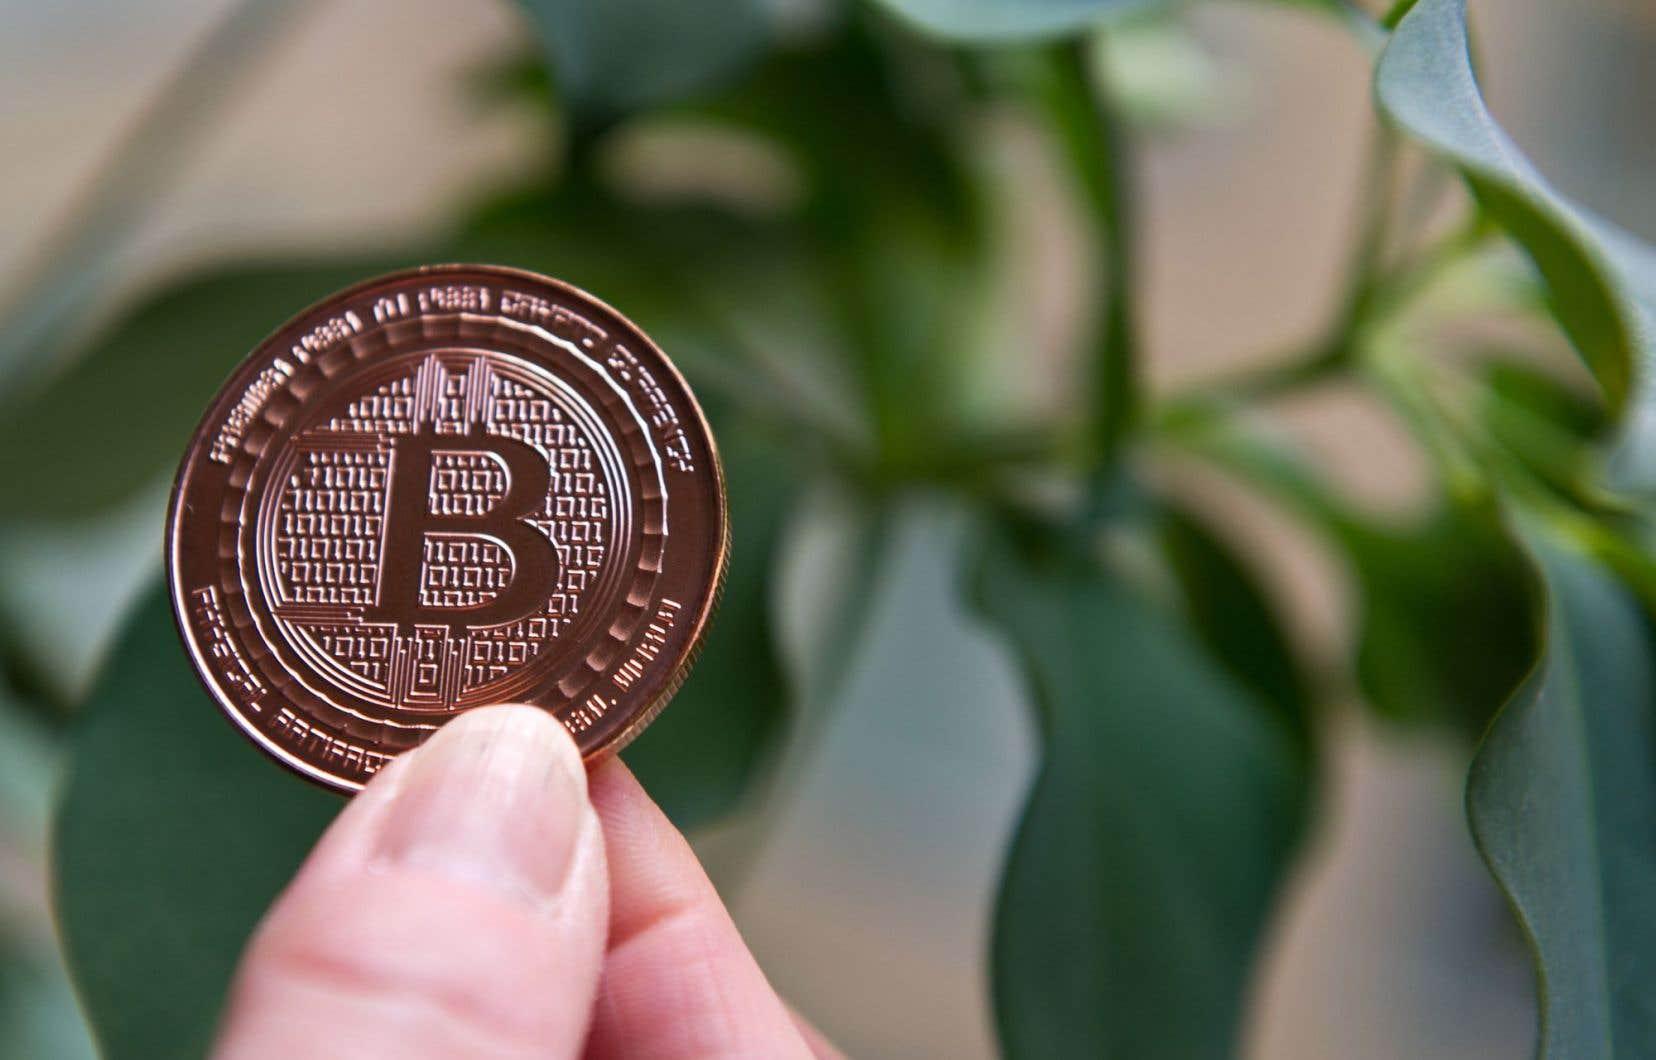 Aux yeux de l'Ambassade Bitcoin, l'annonce de l'AMF montre que le «bitcoin est bel et bien une alternative légitime au système monétaire et financier actuel».